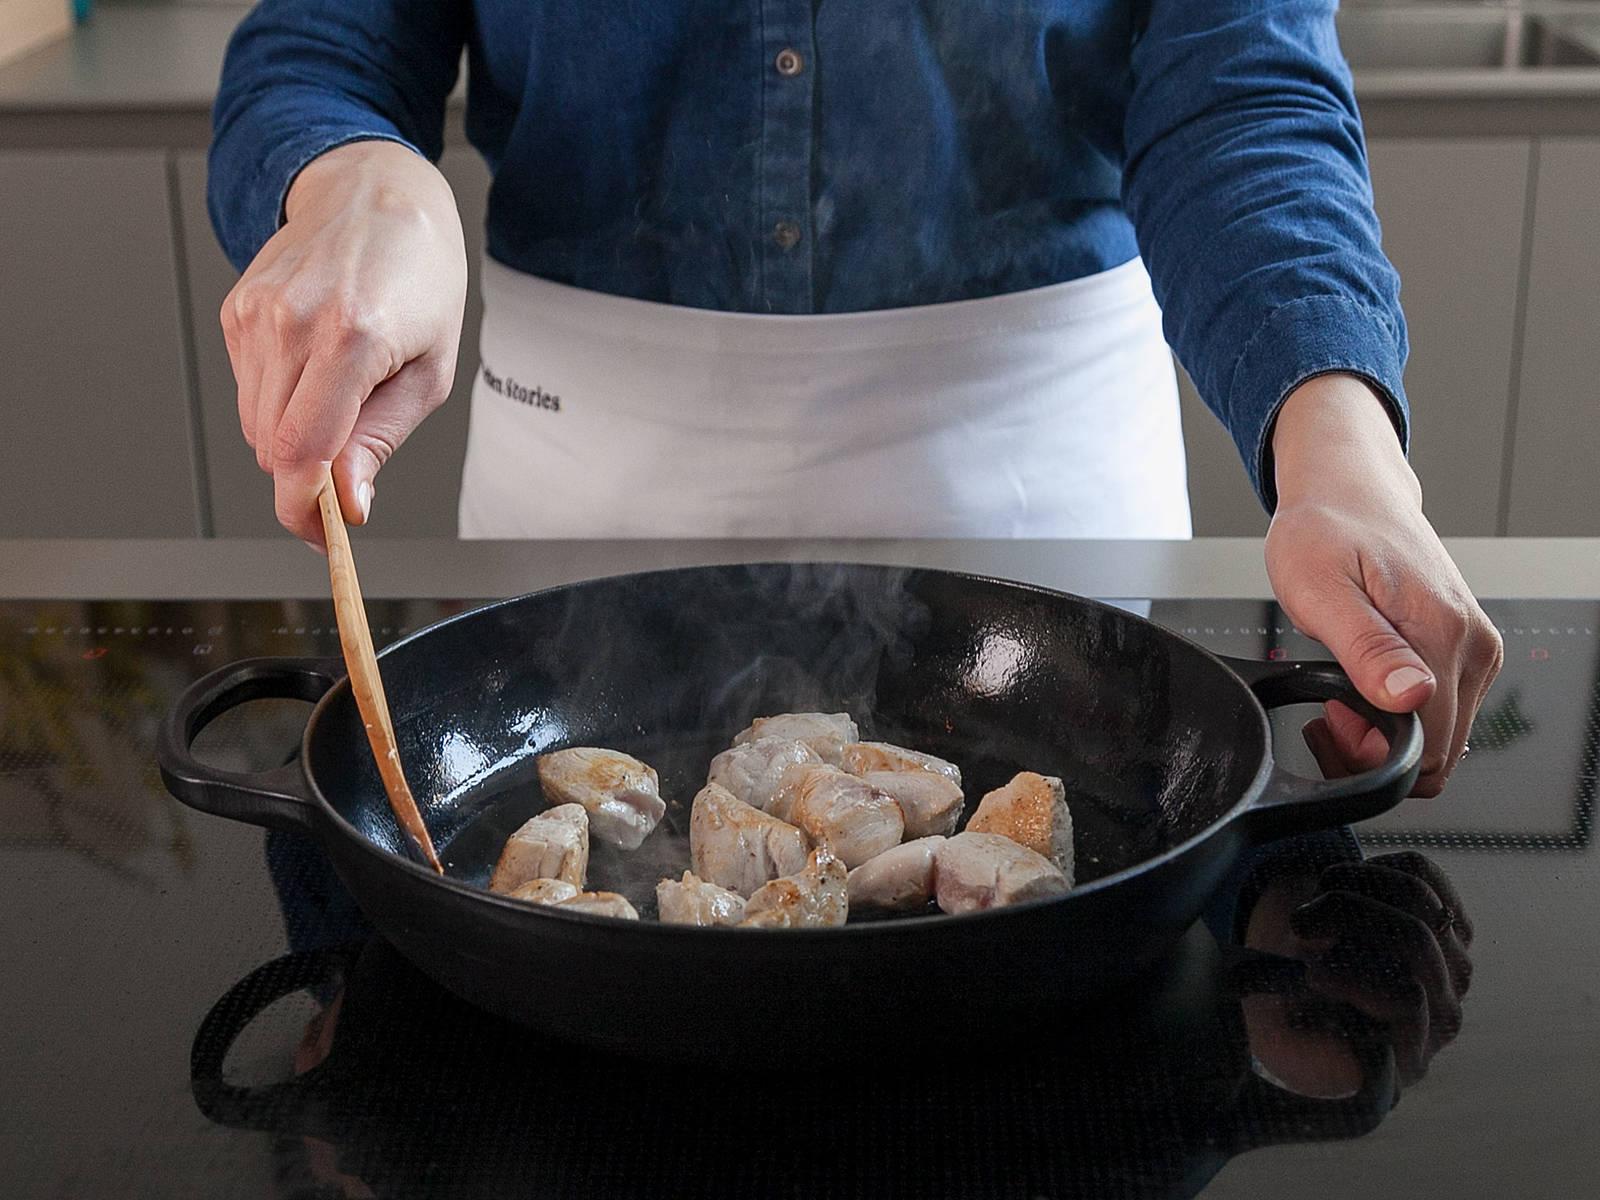 Zwiebel in Scheiben schneiden. Hähnchenbrust in Würfel schneiden und mit Salz und Pfeffer würzen. Kokosöl in einer großen Pfanne bei mittlerer bis hoher Hitze erwärmen. Hähnchenbrust dazugeben und ca. 5 - 7 Min. von allen Seiten anbraten, oder bis das Fleisch durchgegart und gebräunt ist. In eine große Rührschüssel geben.